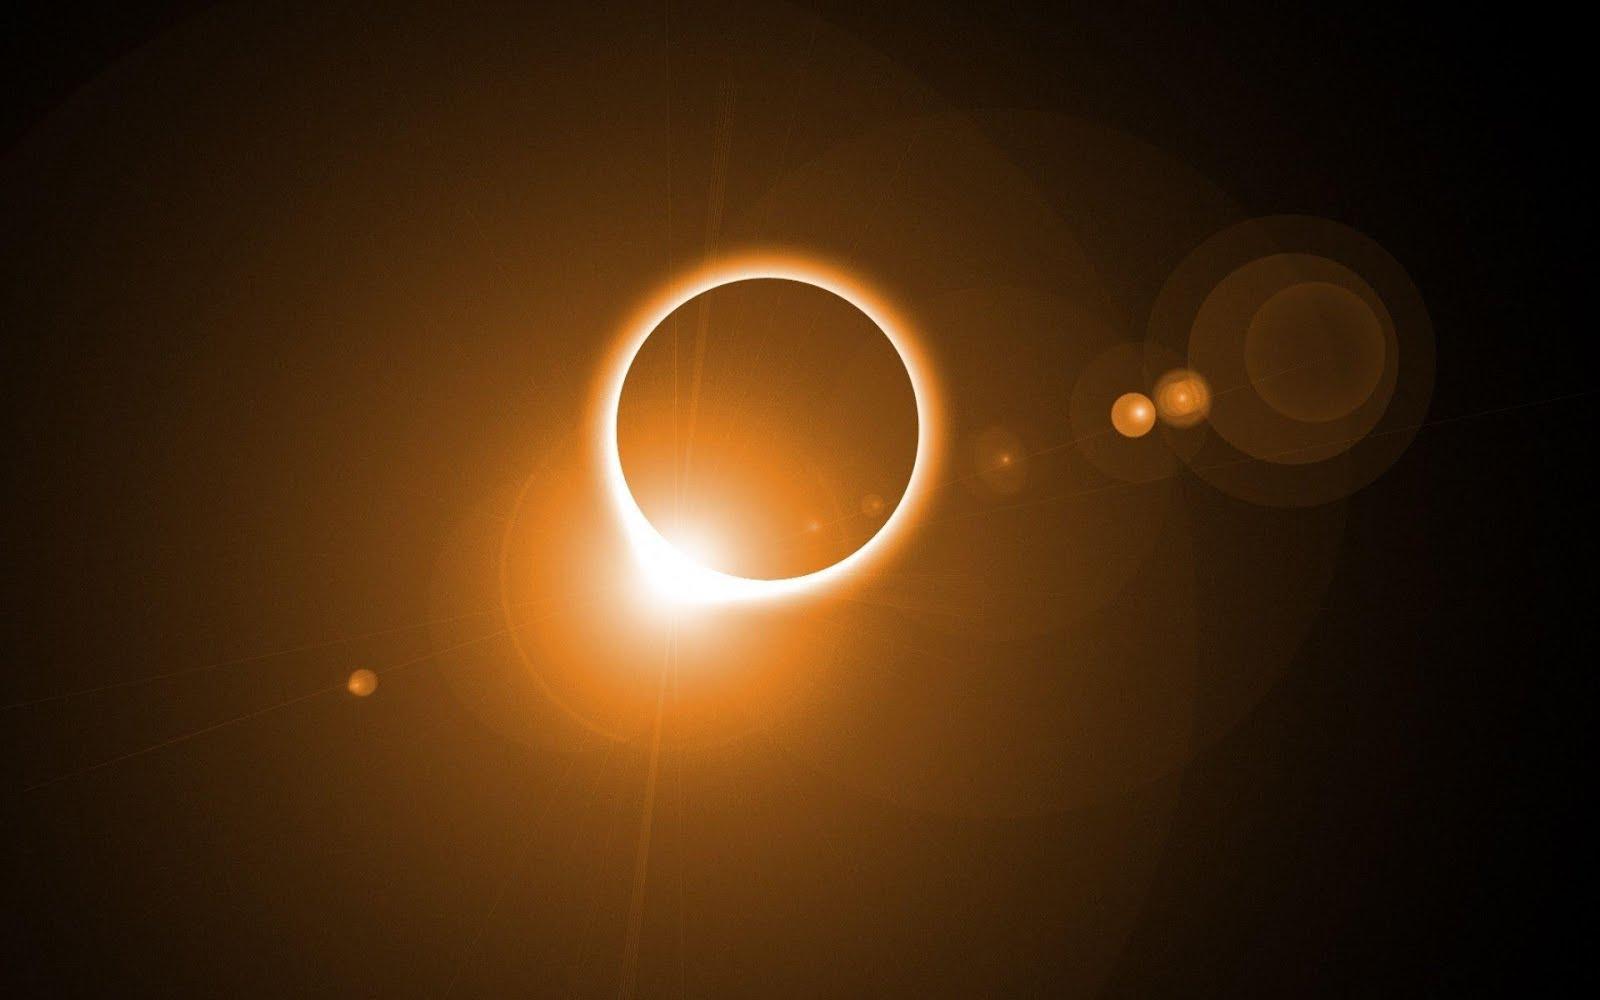 Солнечное затмение - что это такое и как оно происходит?